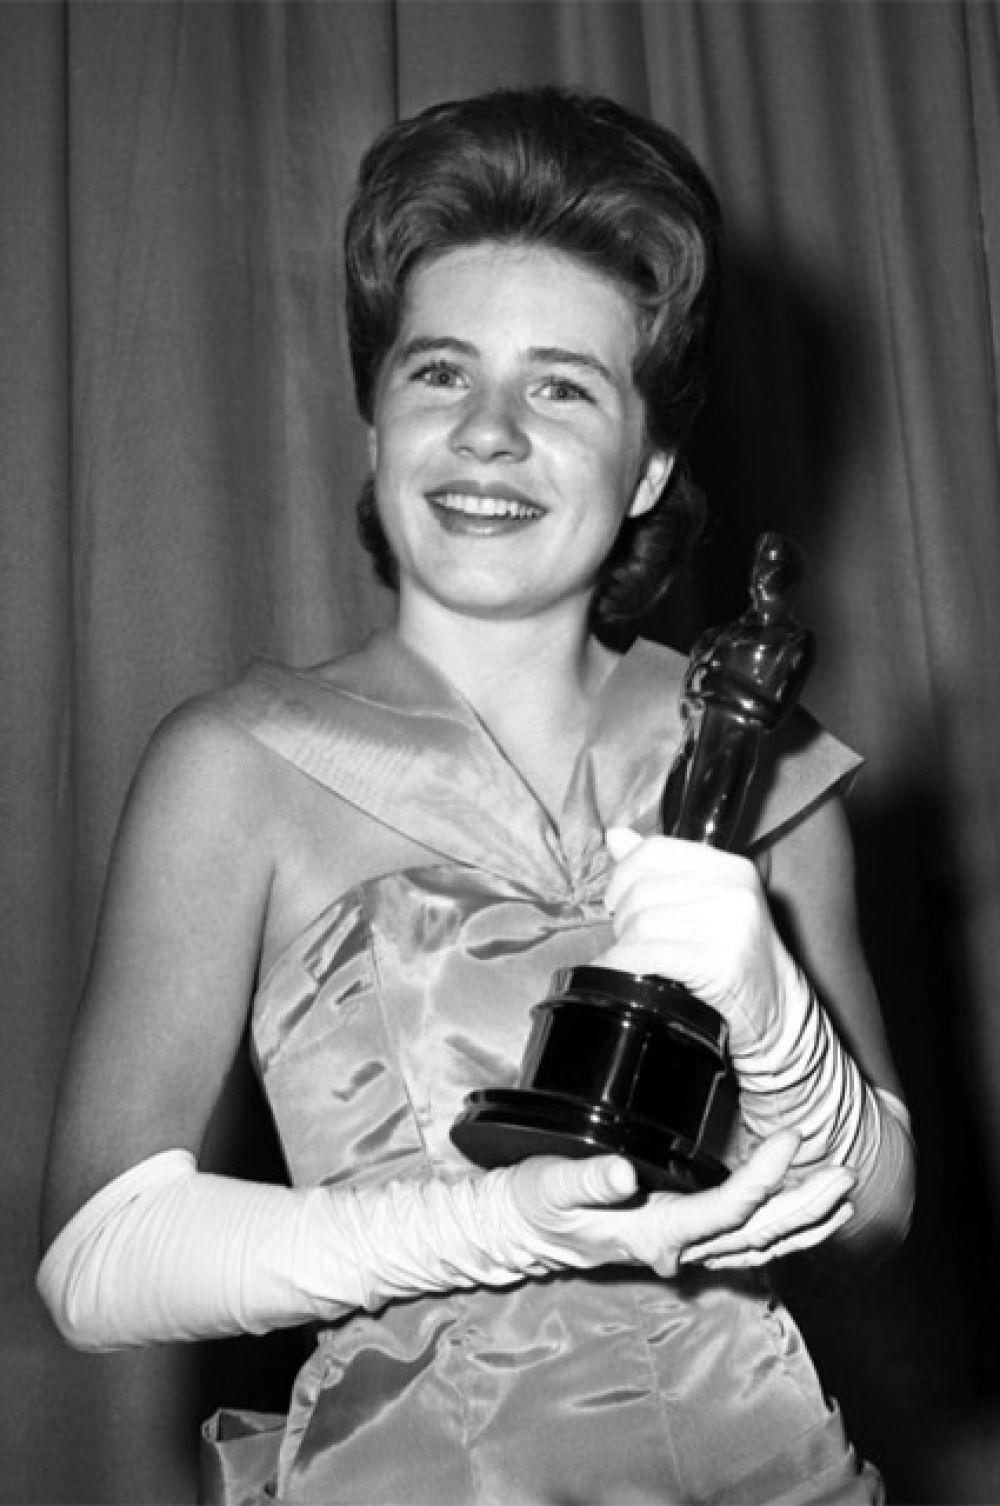 Самая короткая благодарственная речь в истории церемонии: актриса Пэтти Дьюик, получившая «Оскар» за лучшую женскую роль второго плана в драме «Сотворившая чудо» (1962), произнесла всего два слова — «Спасибо вам».